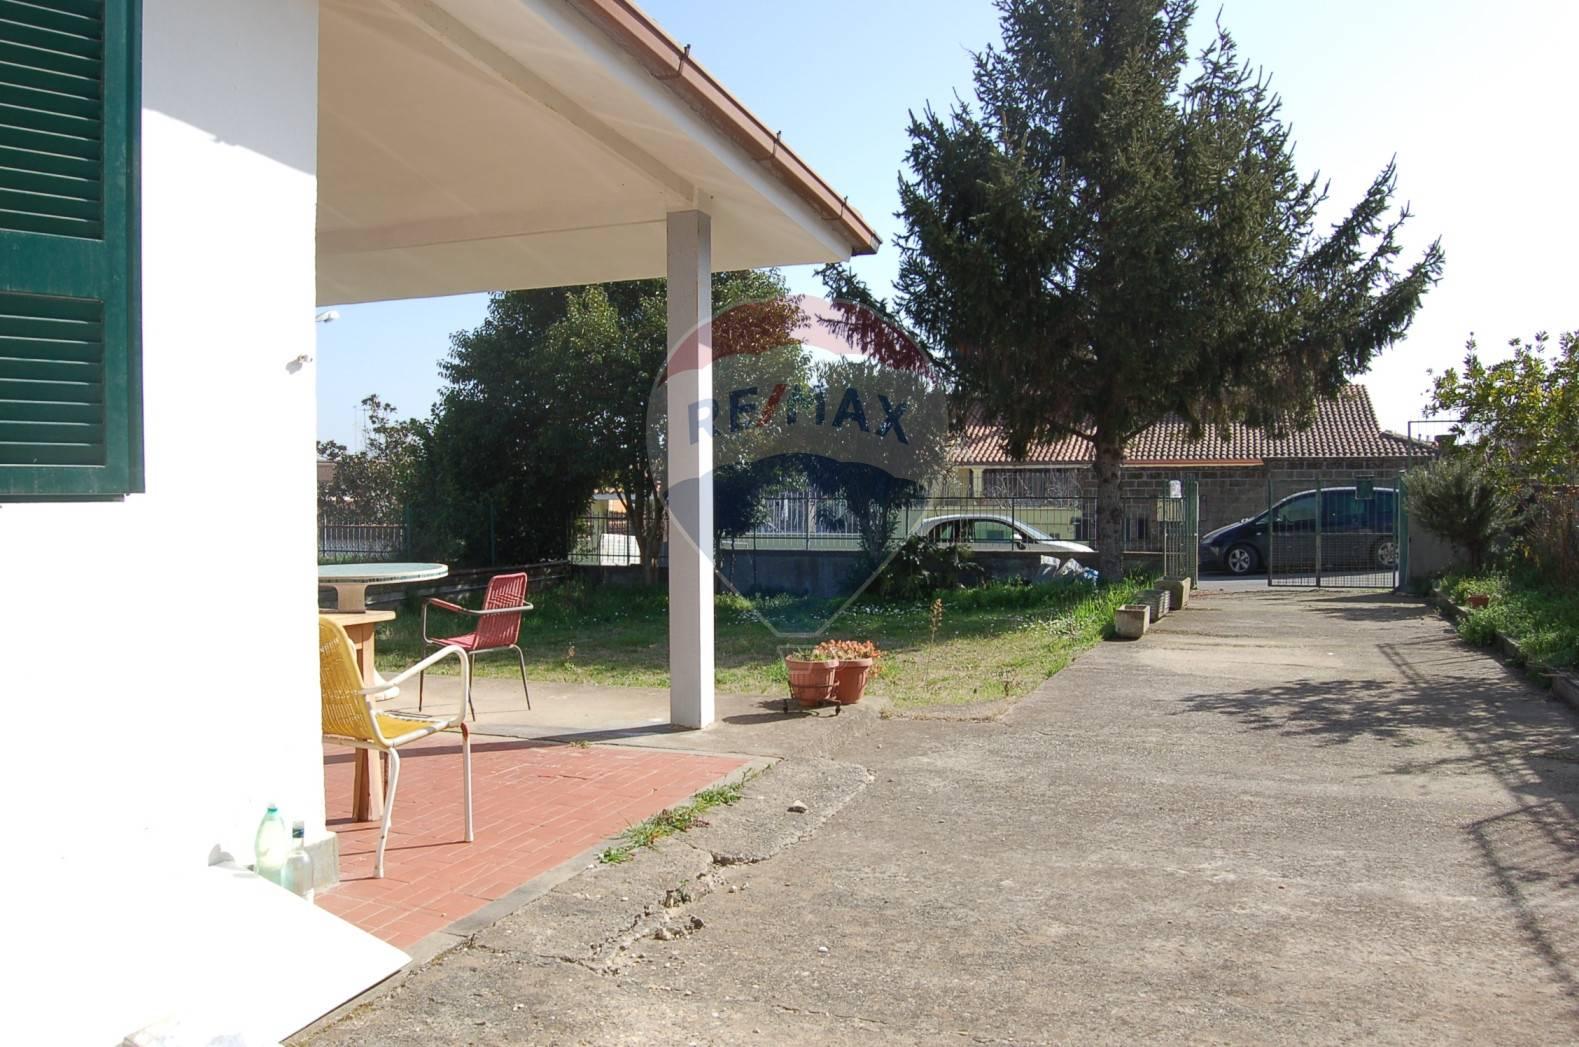 Villa Bifamiliare in vendita a Fabrica di Roma, 3 locali, prezzo € 110.000 | CambioCasa.it